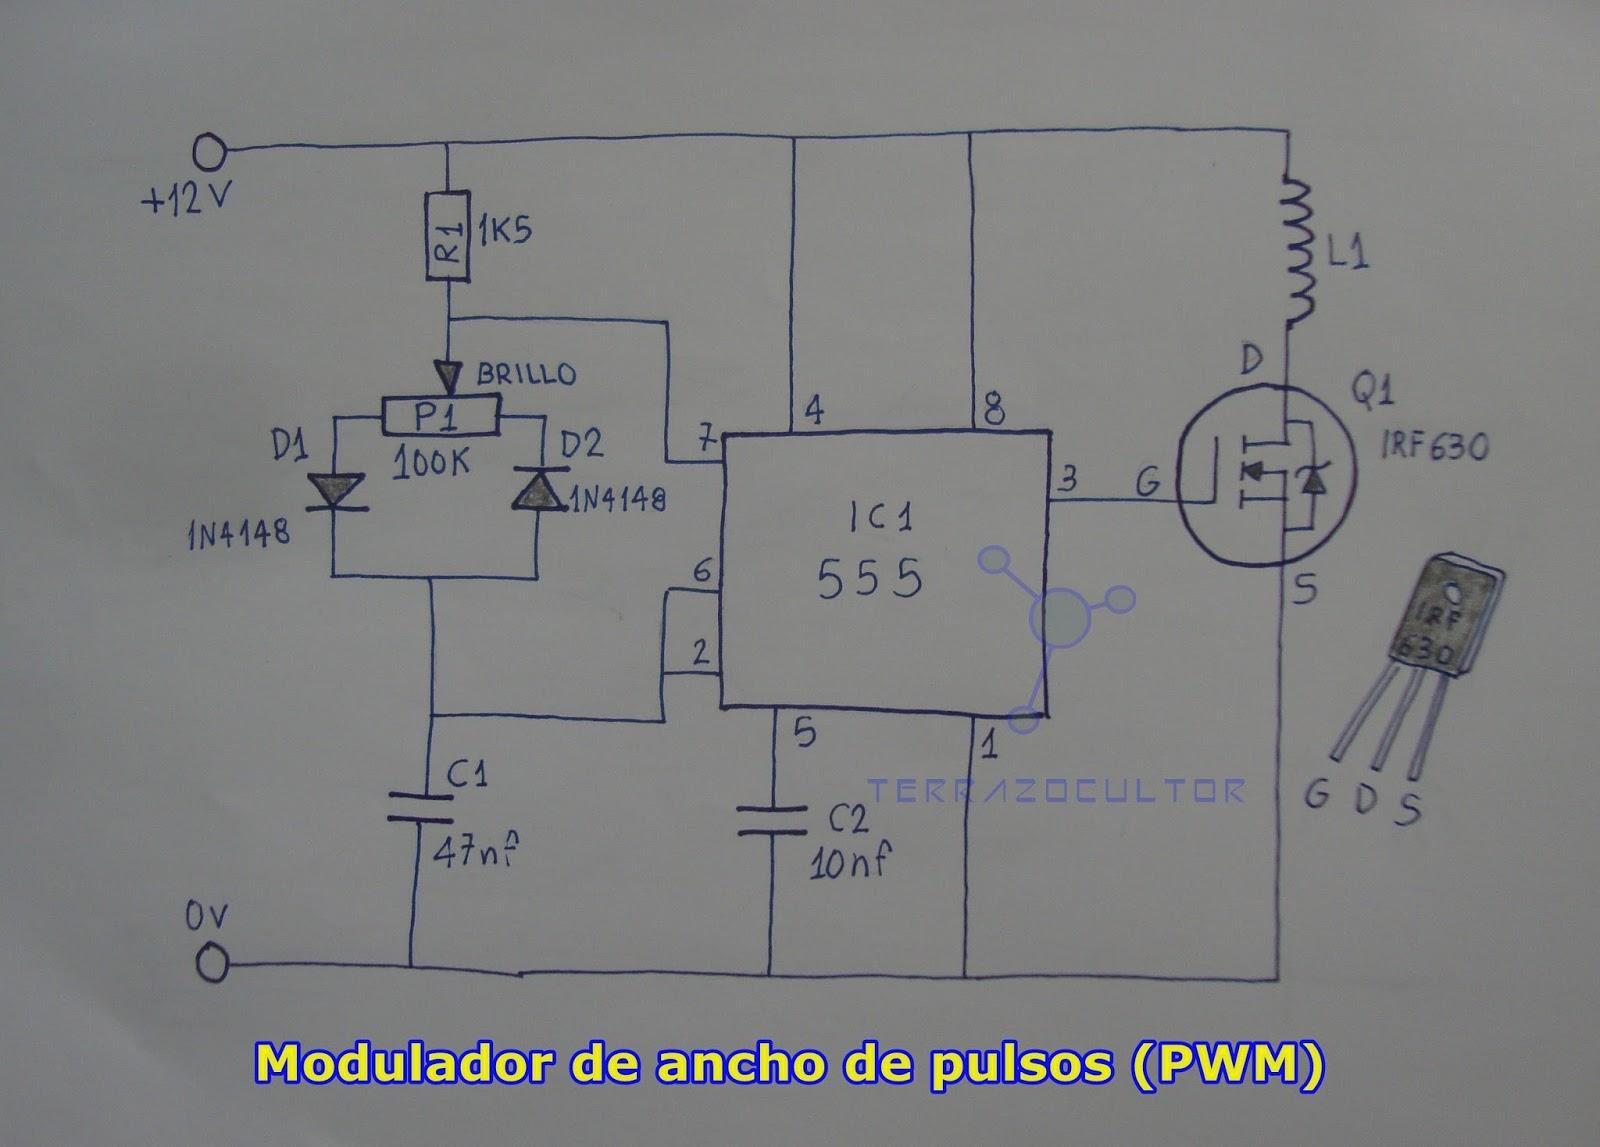 Circuito Modulator Ask Con 555 : Ciencia inventos y experimentos en casa lámpara por